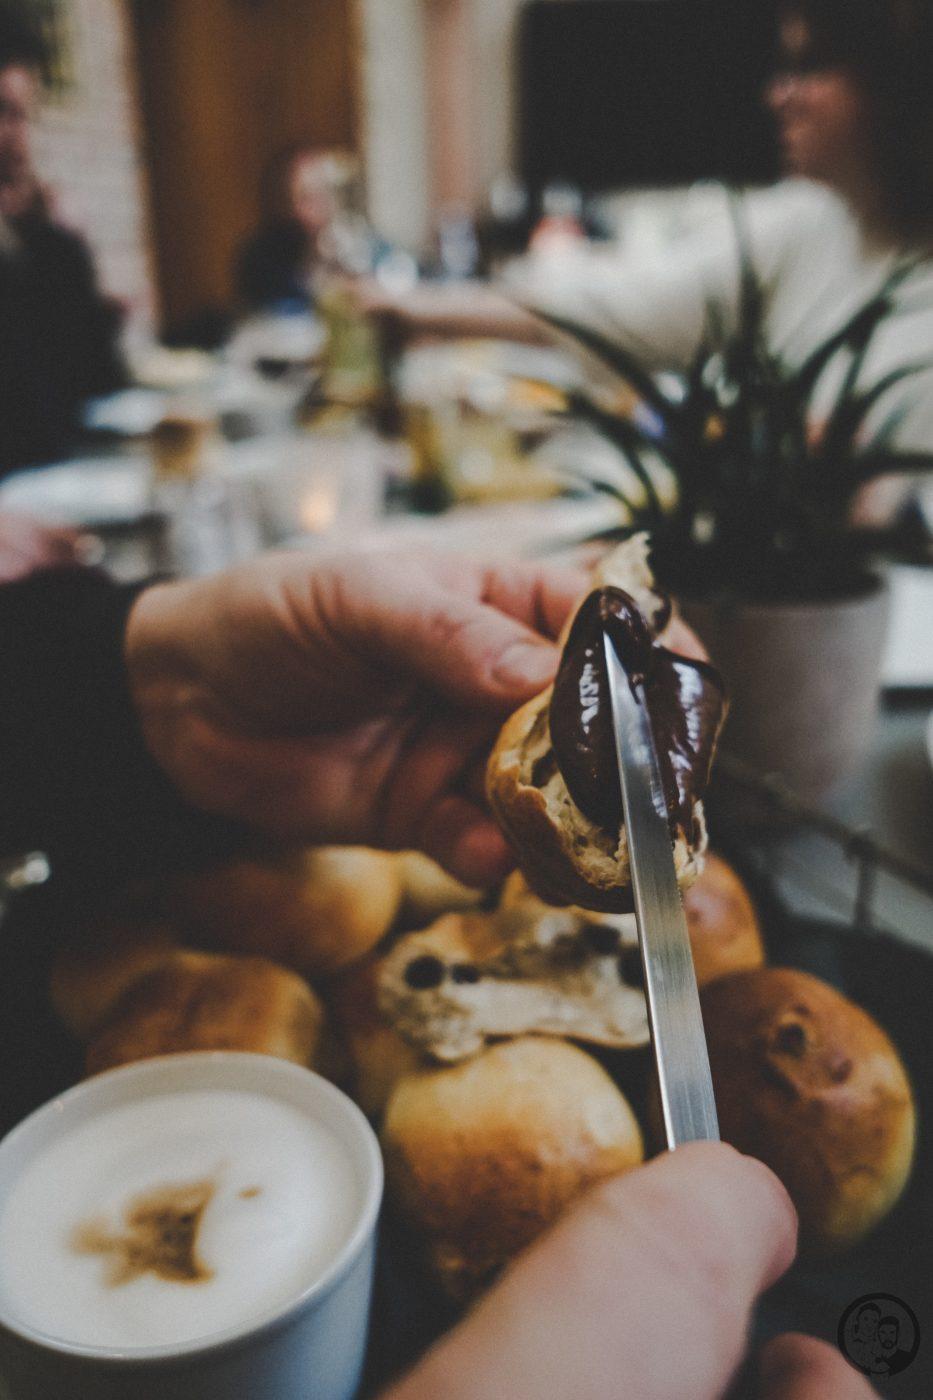 Milchbrötchen mit Rosinen mW 5 | Eine leckere Sache haben wir noch für euch, die wir auch bei unserem Bloggertreffen in der schönen Kirchein Bernkastel-Kues im Stadtteil Wehlen, zubereitet haben. Es wurde schön gebruncht wie es sich für einen Sonntagmorgen gehört.Und da Sascha immer etwas Süßes als Abschluss eines ausgedehnten Frühstücks braucht, habe ich für uns alle Milchbrötchen gebacken.